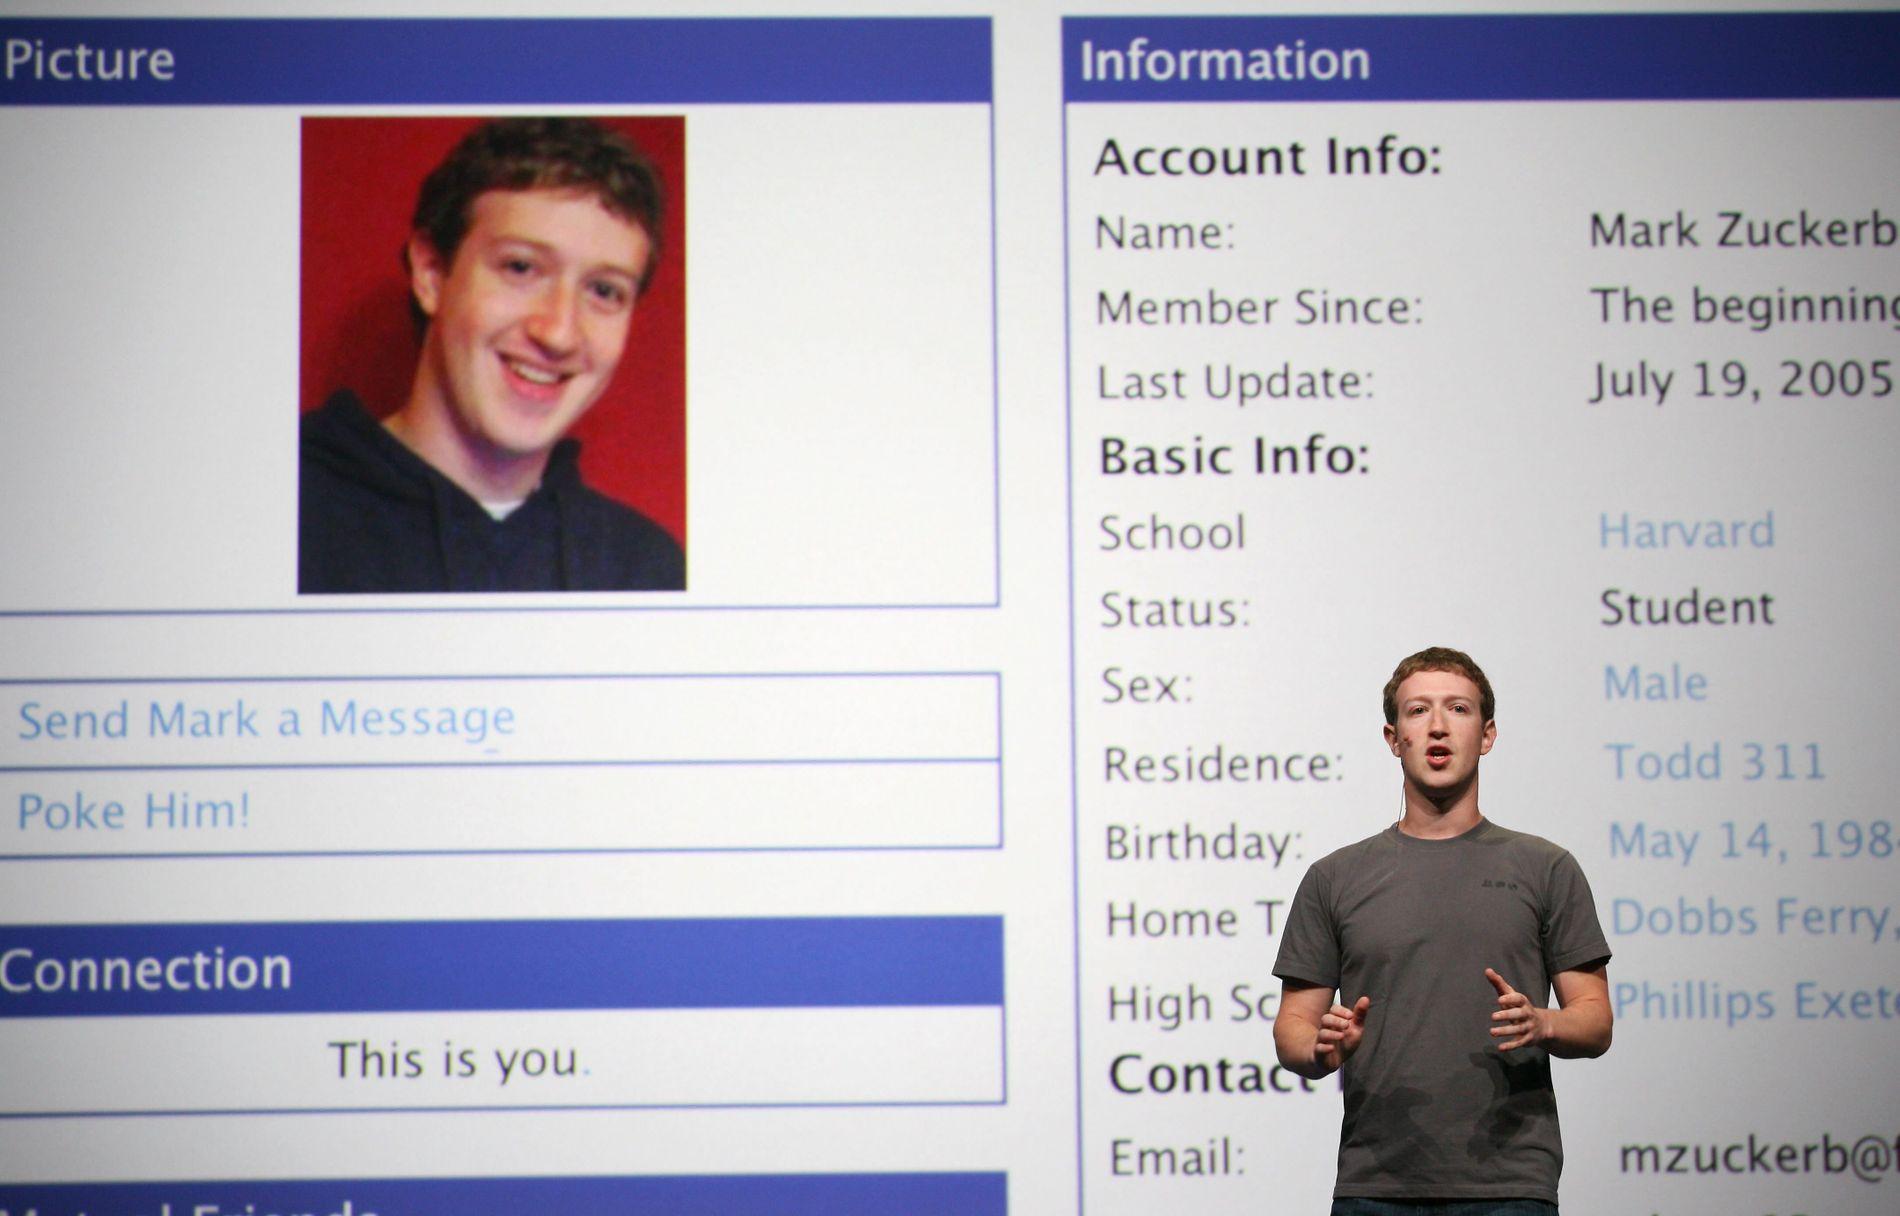 PUST ROLIG: – De som frykter at Facebook-sjefen Mark Zuckerberg skal utvikle seg til en slags Dr. Evil tronende i hovedkvarteret sitt i Palo Alto bør puste med magen, skriver Eirik Vinje.